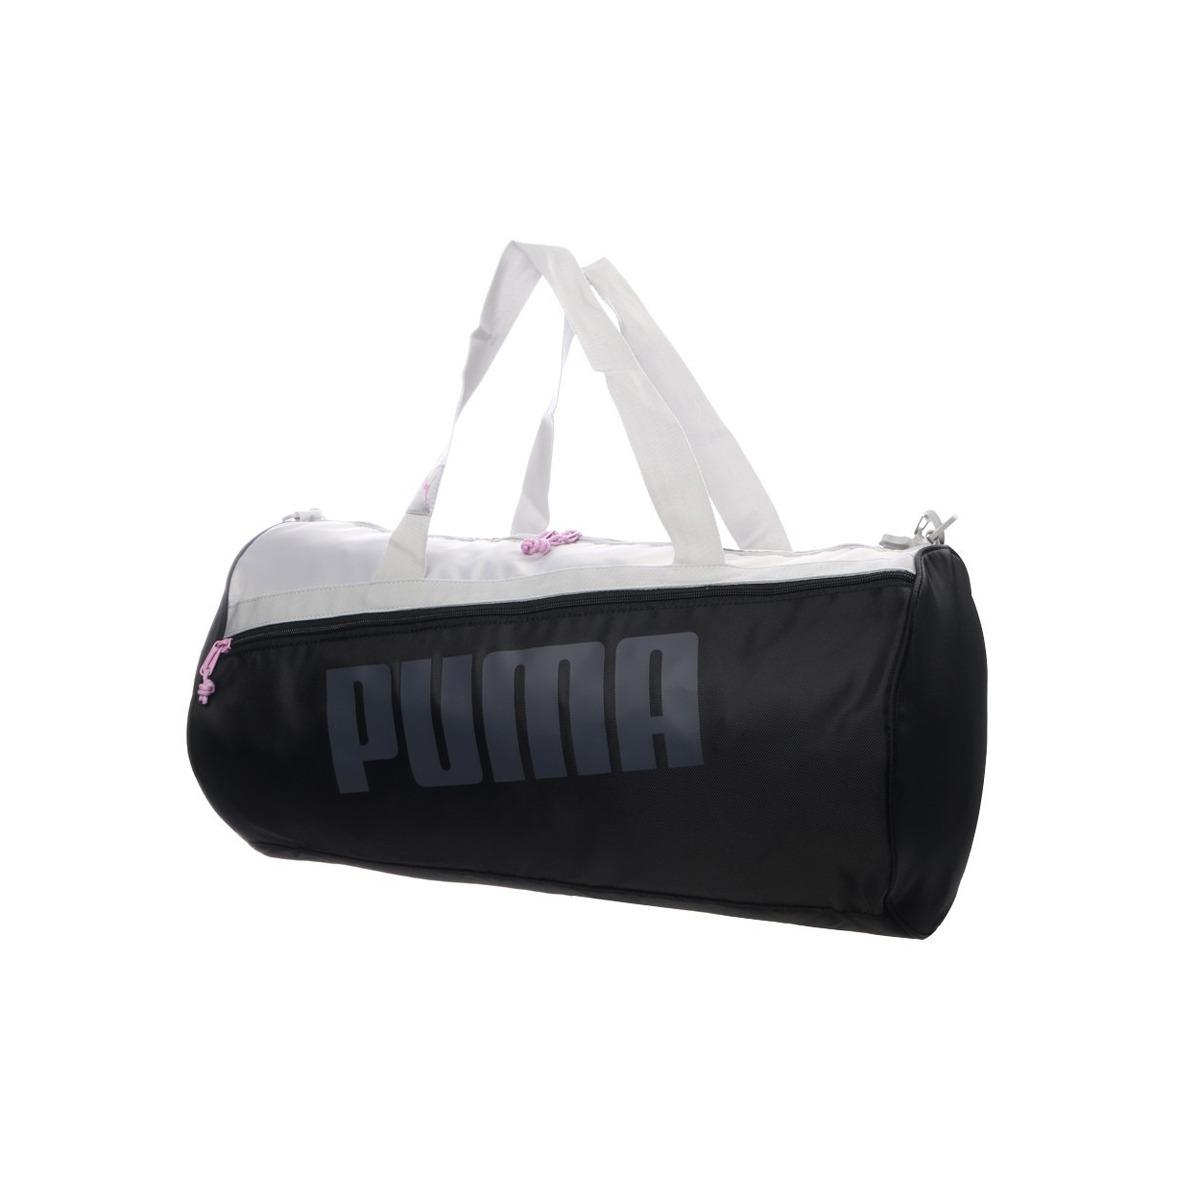 bolso puma training dancer barrel mujer ng gr. Cargando zoom. f1d29b32c0a